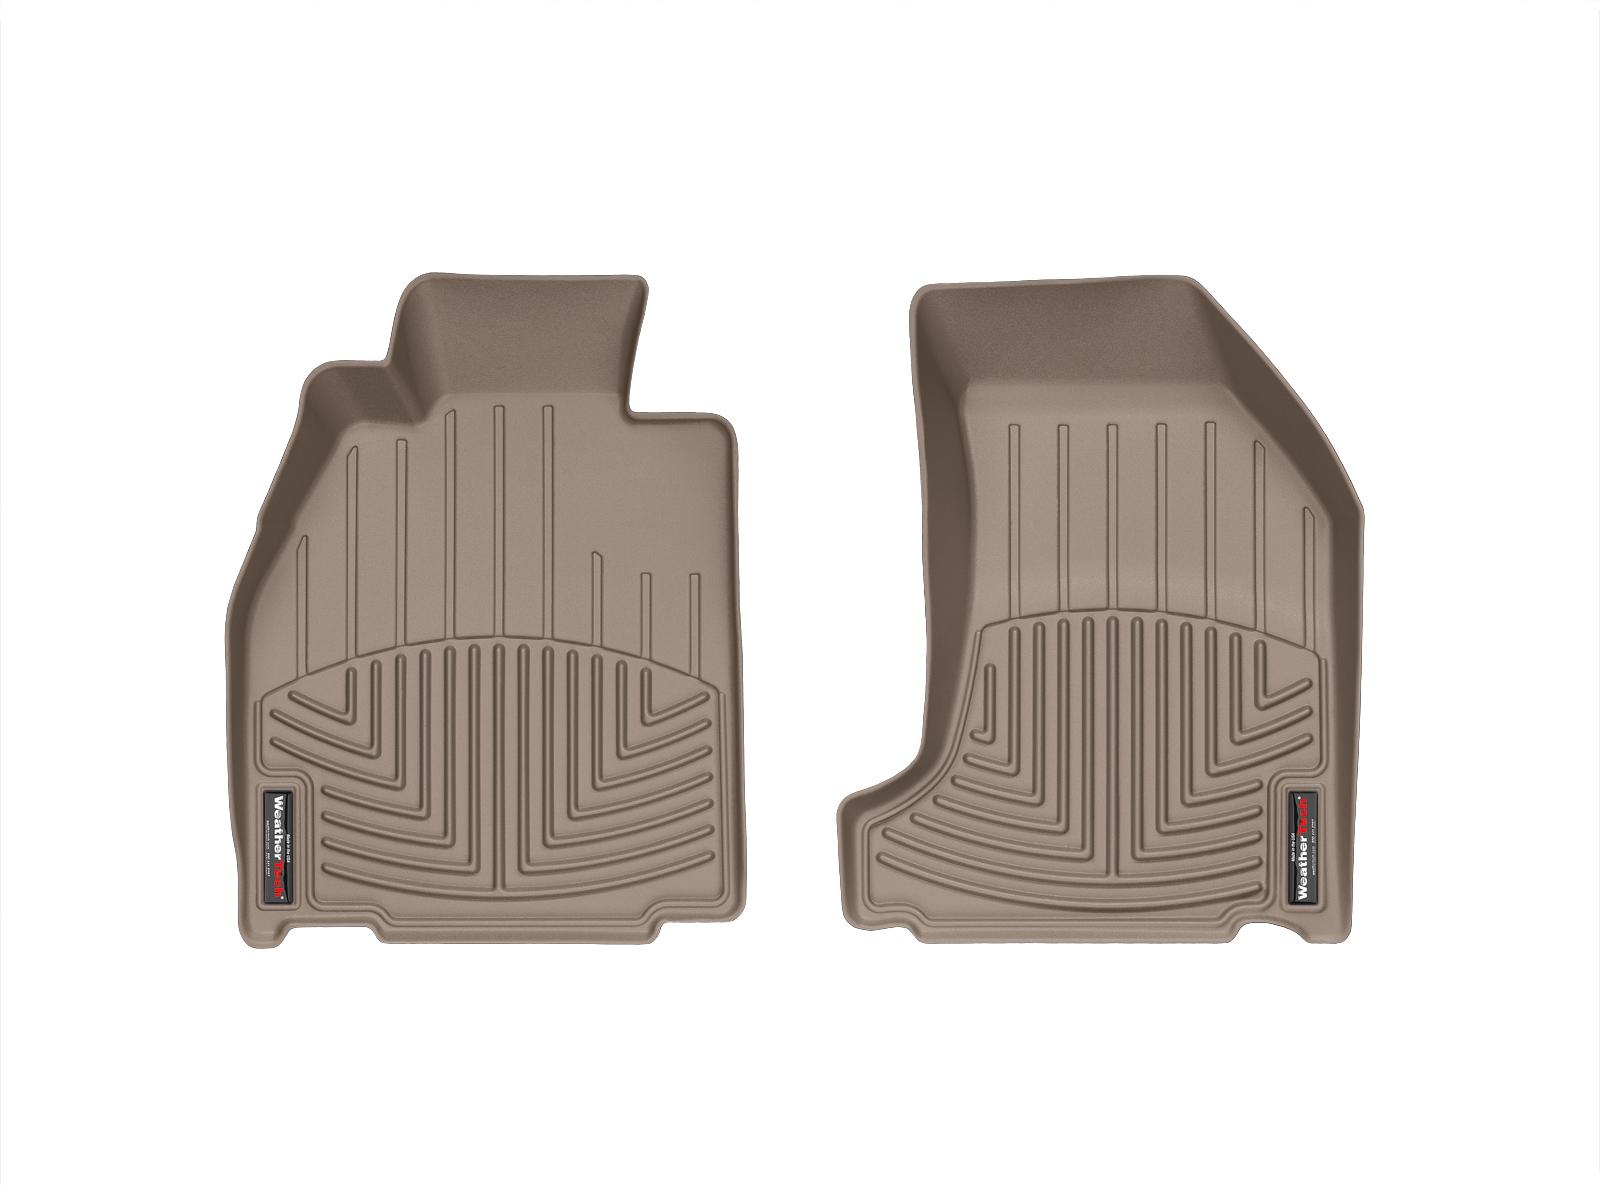 Tappeti gomma su misura bordo alto Porsche® Boxster® 05>12 Marrone A3090*